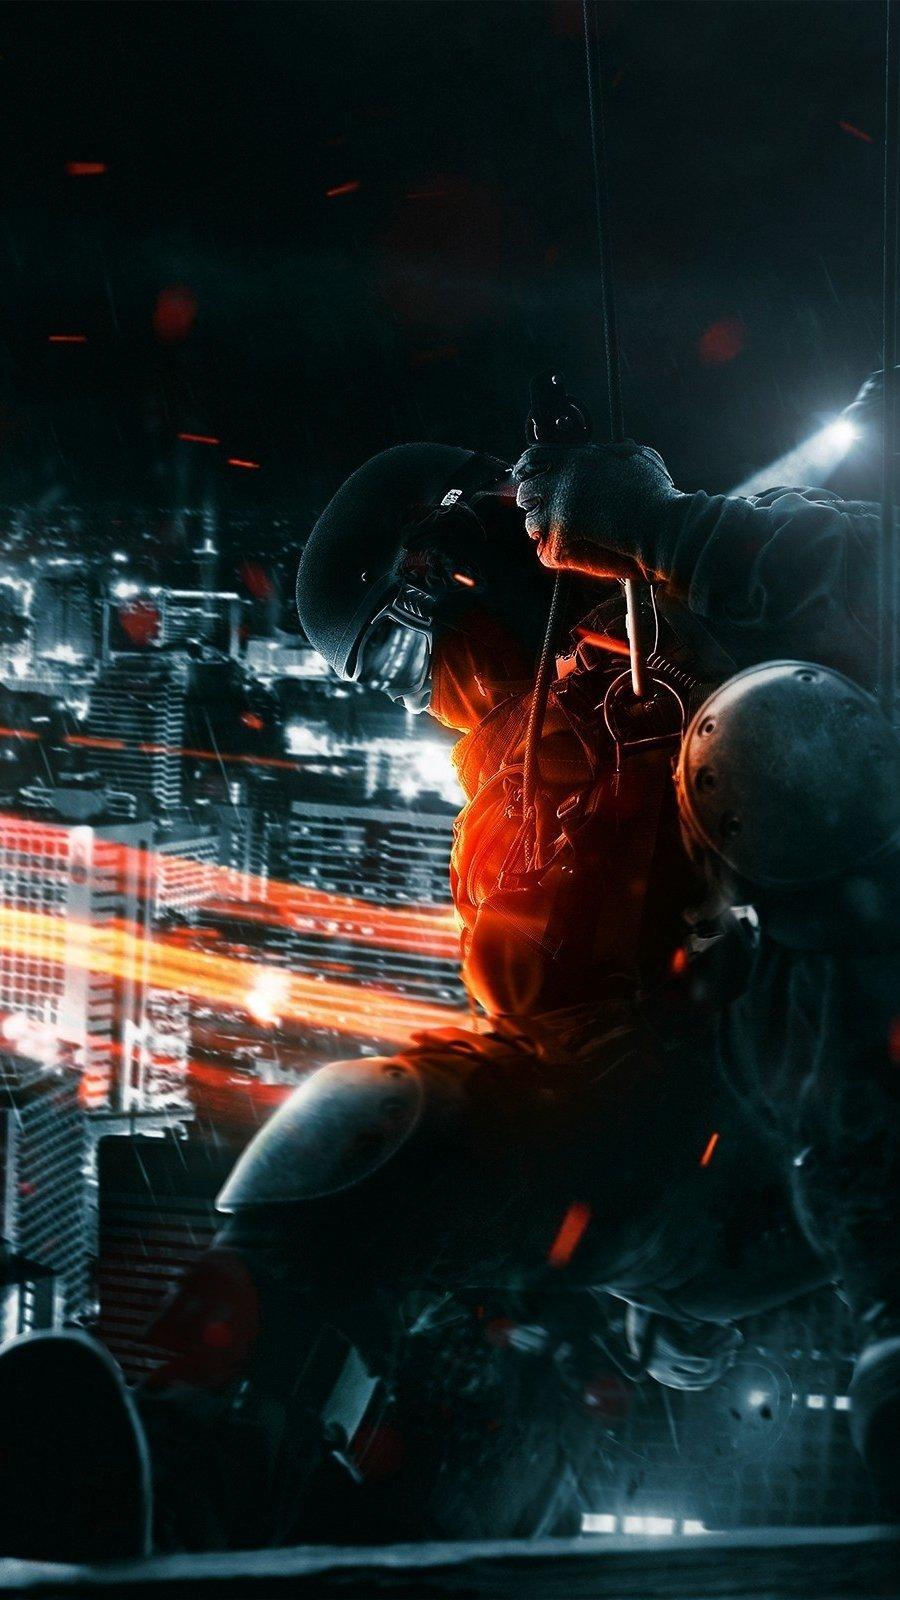 Wallpaper Battlefield 3 Spec Ops Vertical